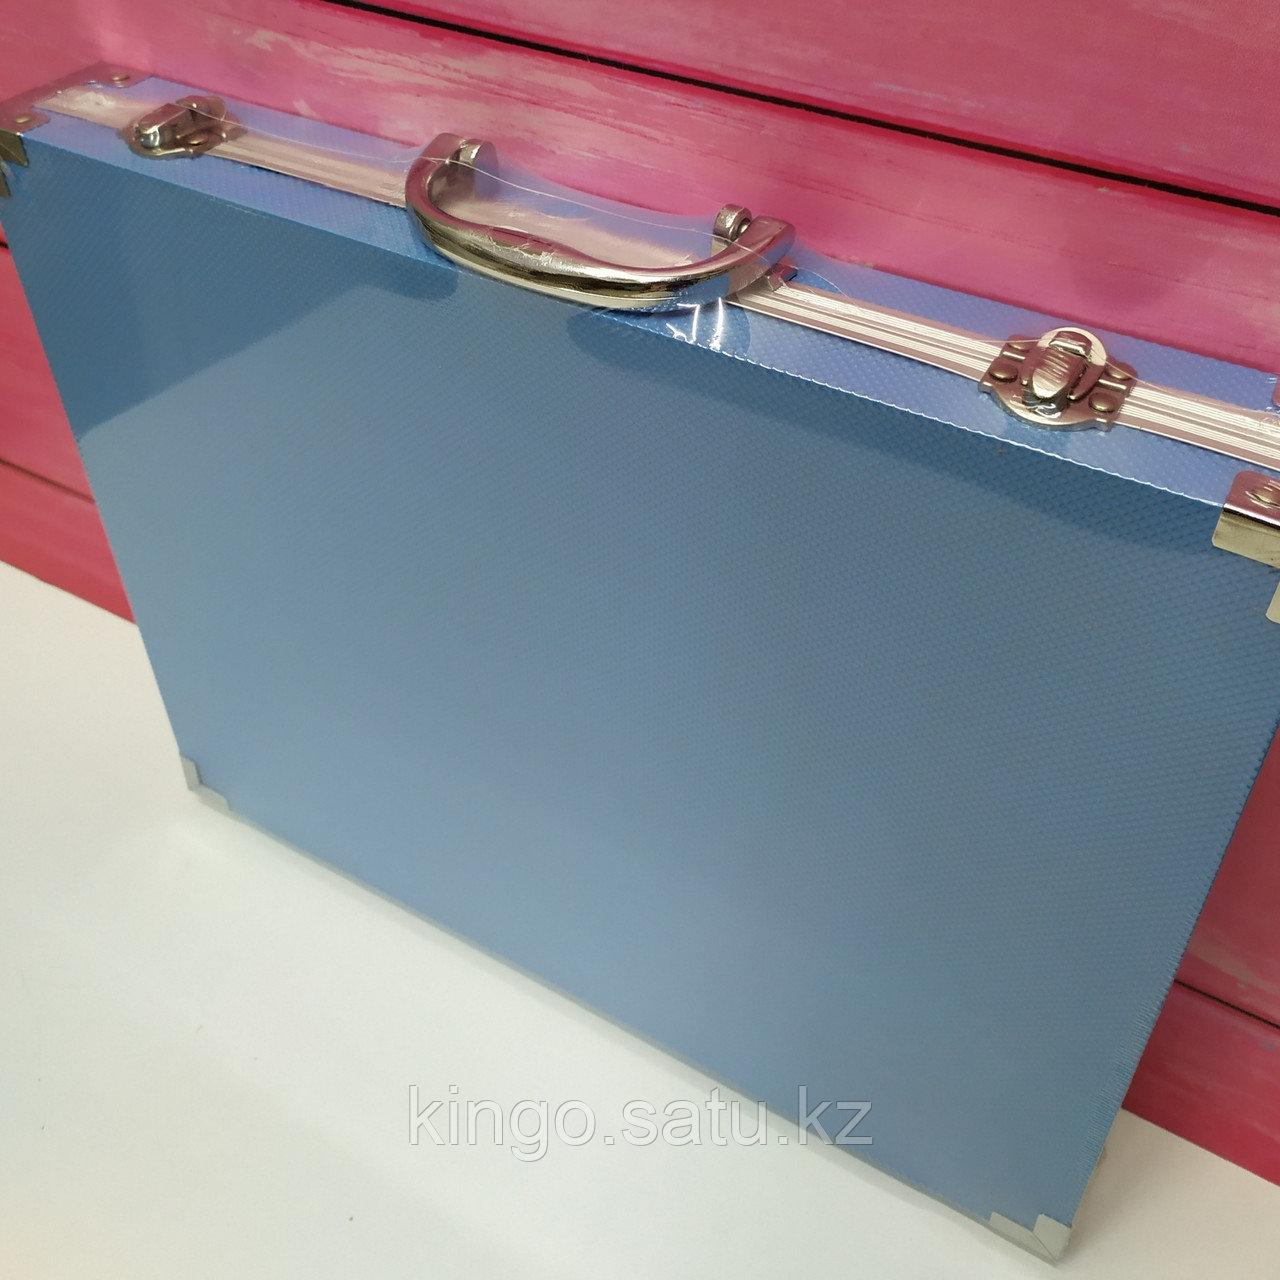 Набор для рисования, Алюминиевый чемоданчик